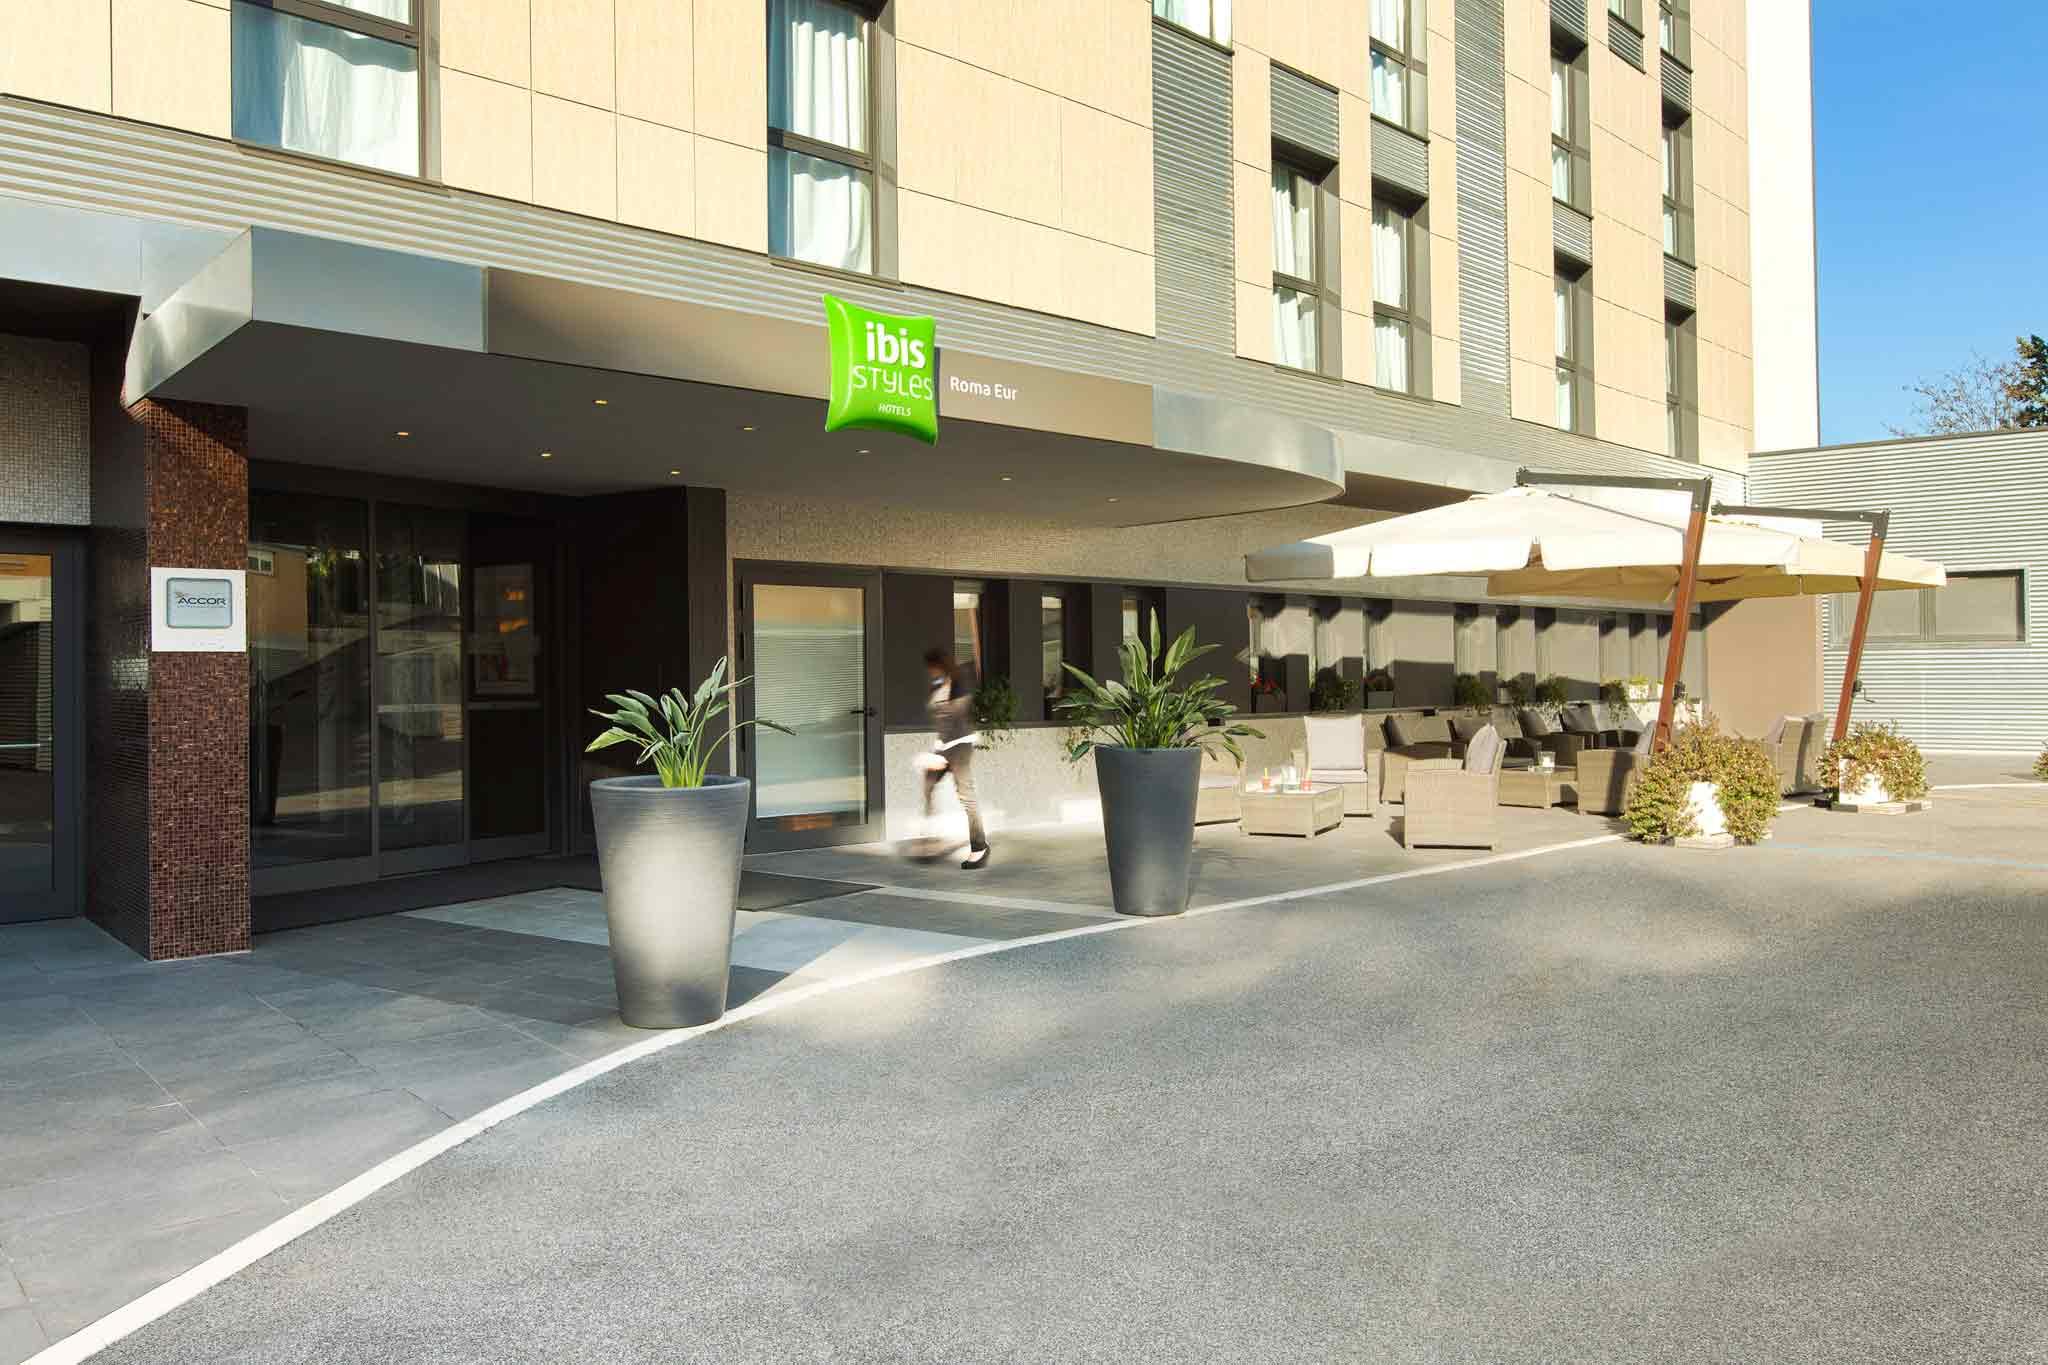 호텔 – 이비스 스타일 로마 유르 - 신규 오픈